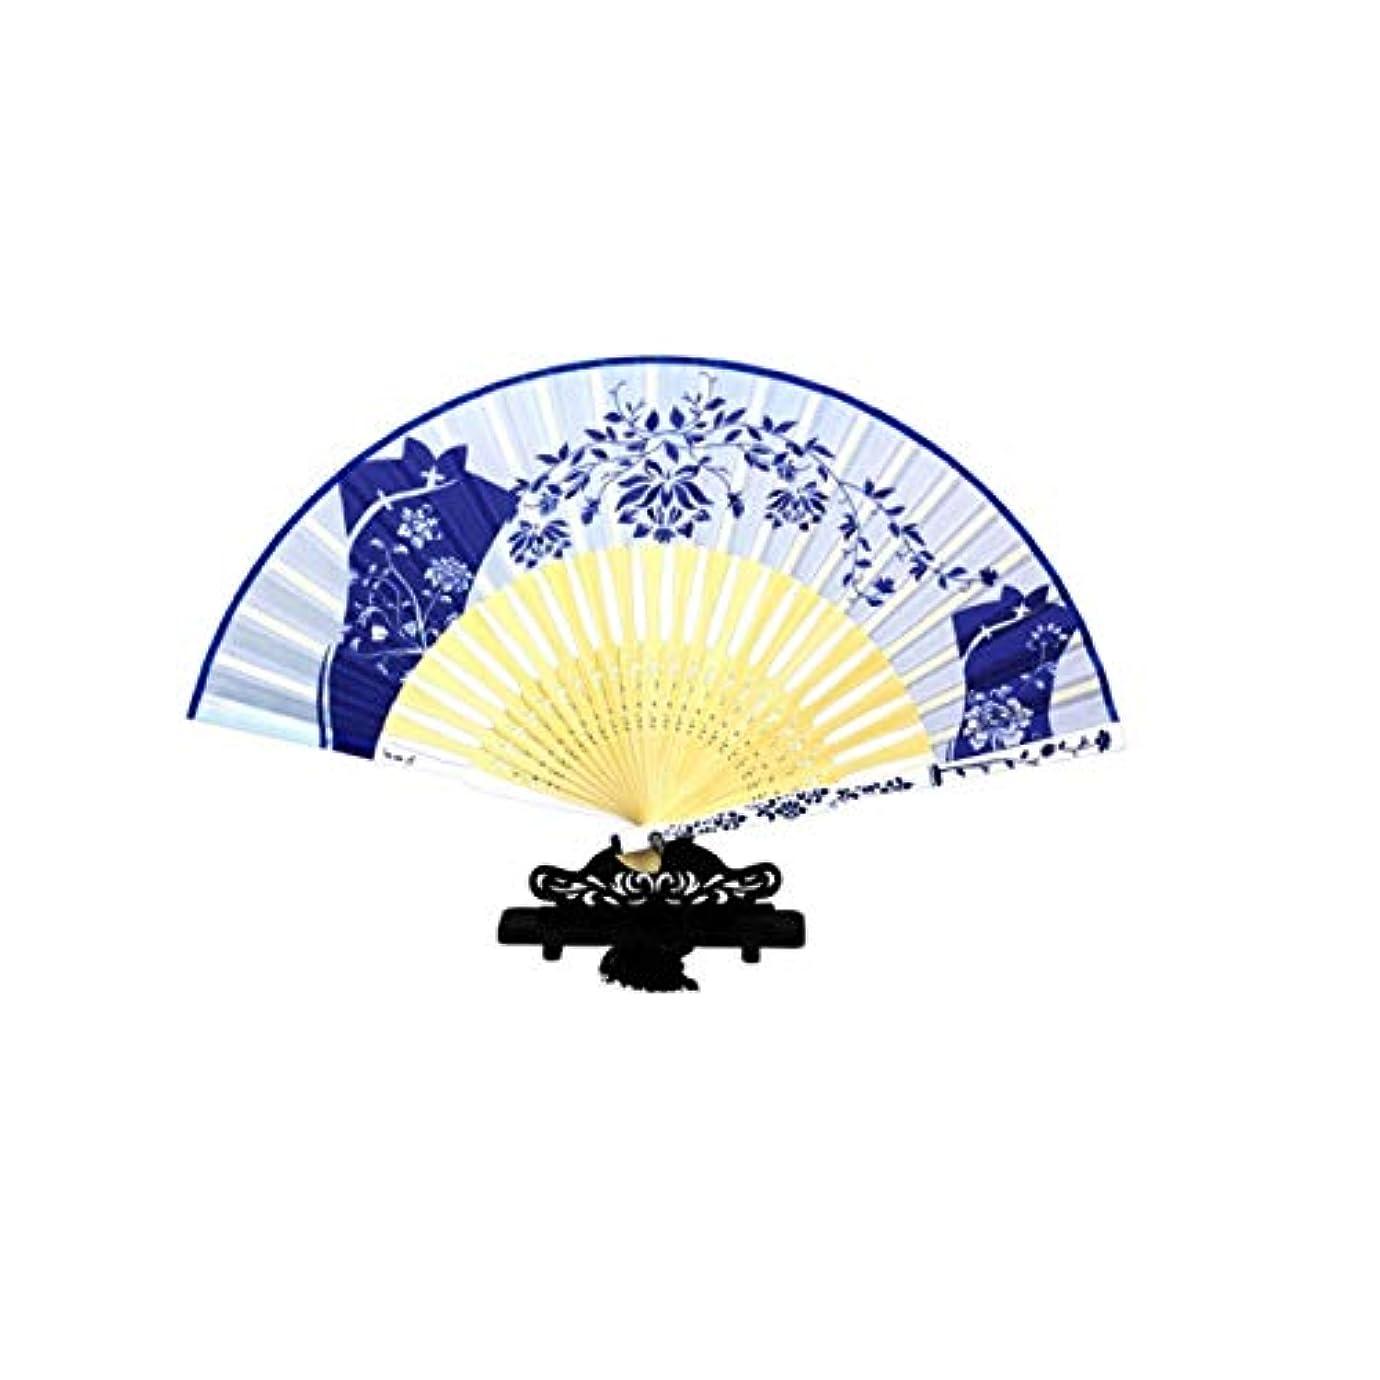 ジェームズダイソンゴミ箱を空にする完璧KATH 扇子、青と白の磁器のギフトファン、中国風のファン、扇子